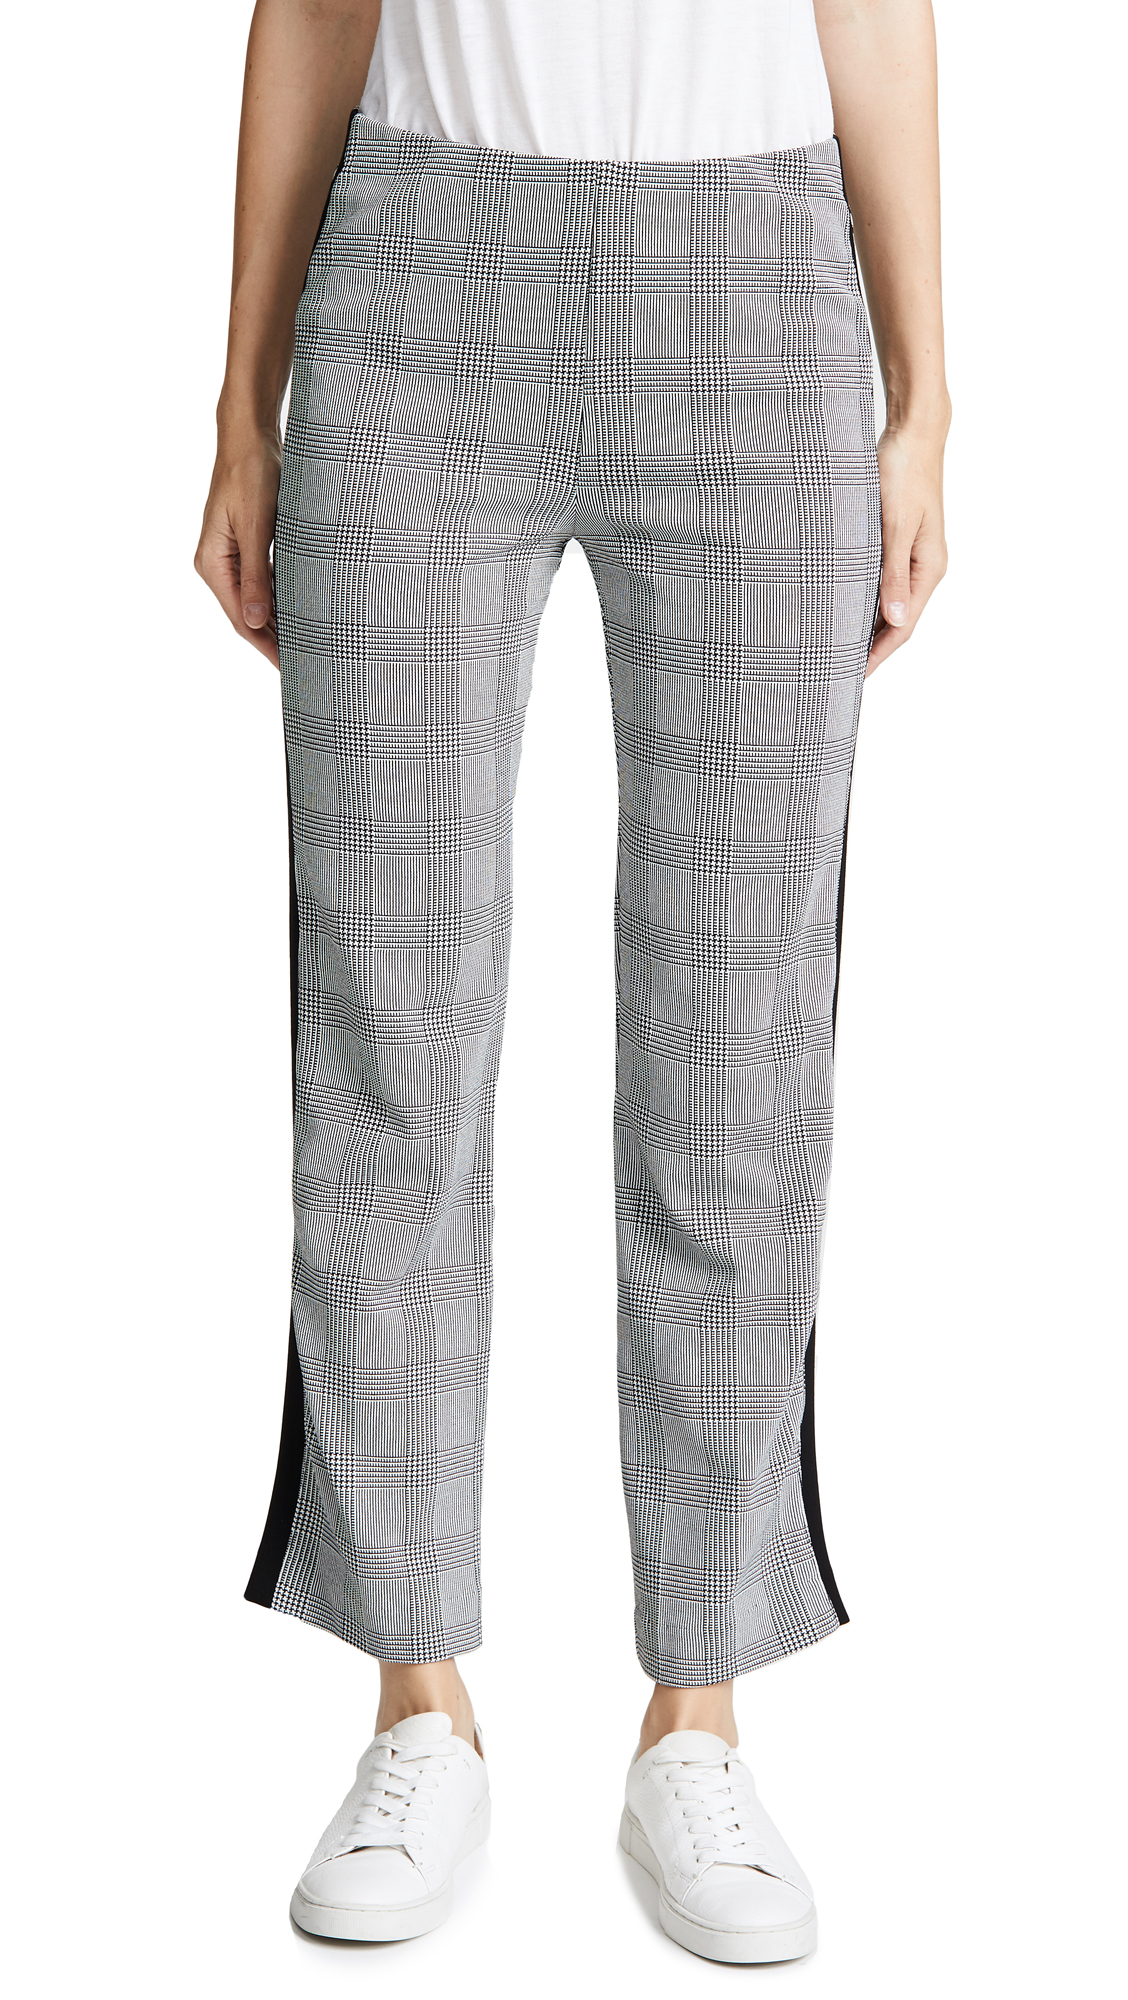 Three Dots Glenn Plaid Ponte Pants - Black/White